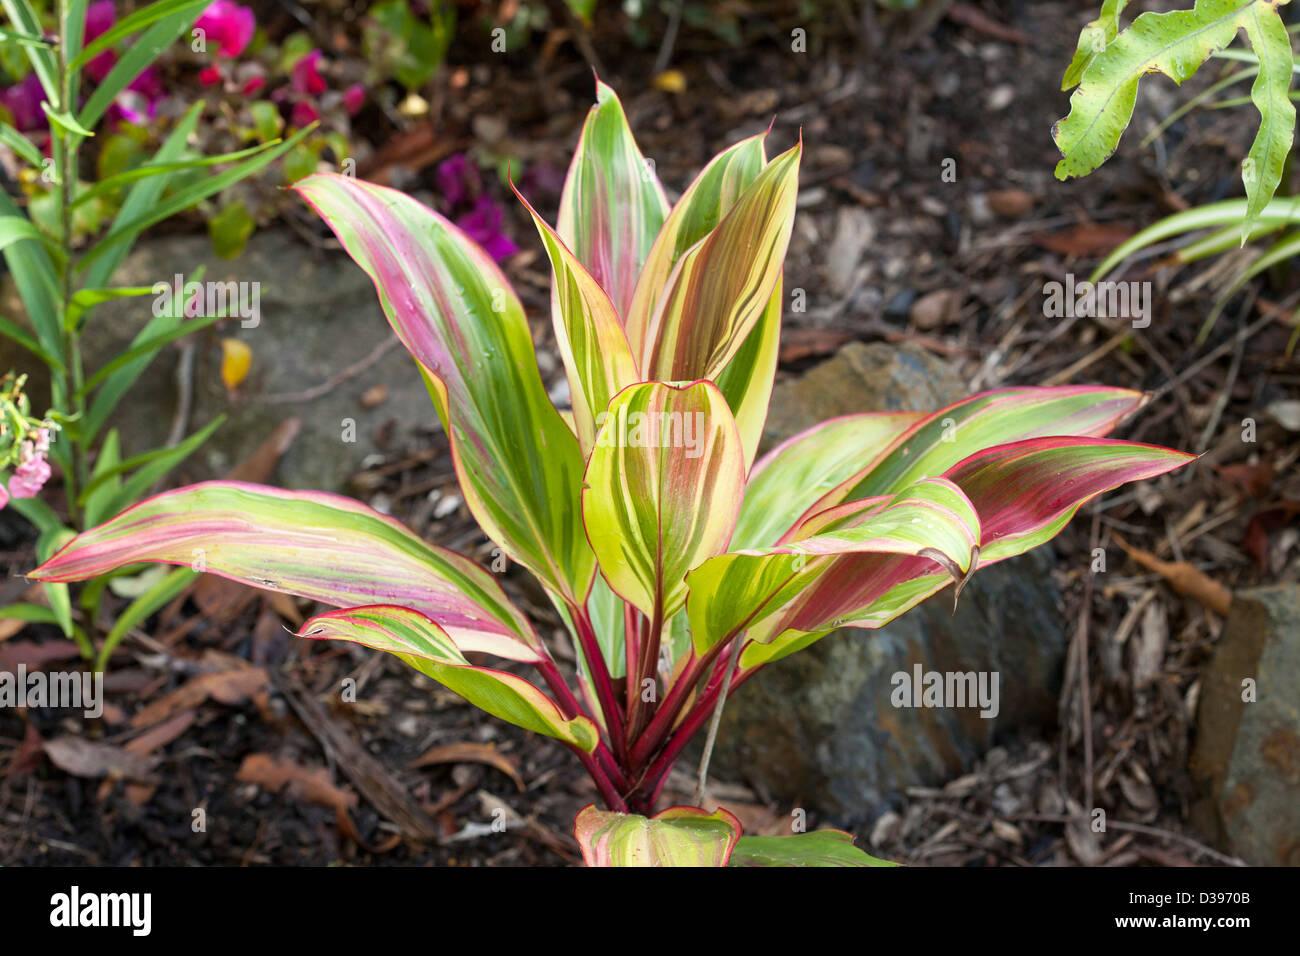 Pianta Foglie Rosse E Verdi cordyline fruticosa cultivar 'rosa' - piante con